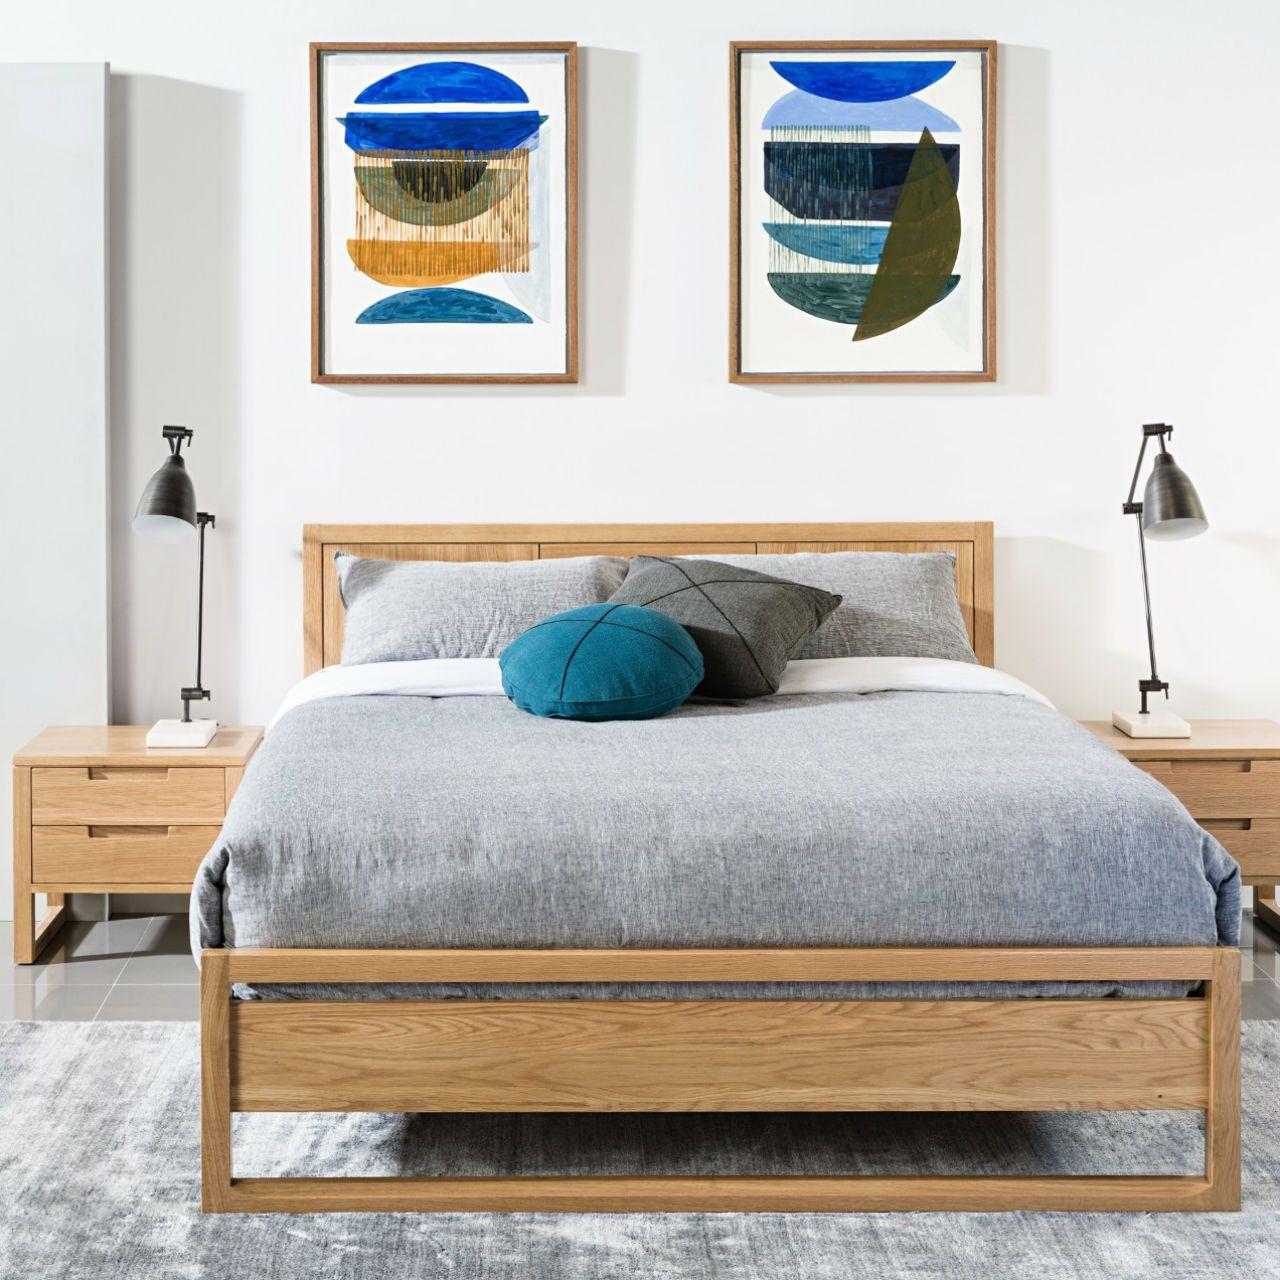 Pin de Nick Brittain en Beds | Pinterest